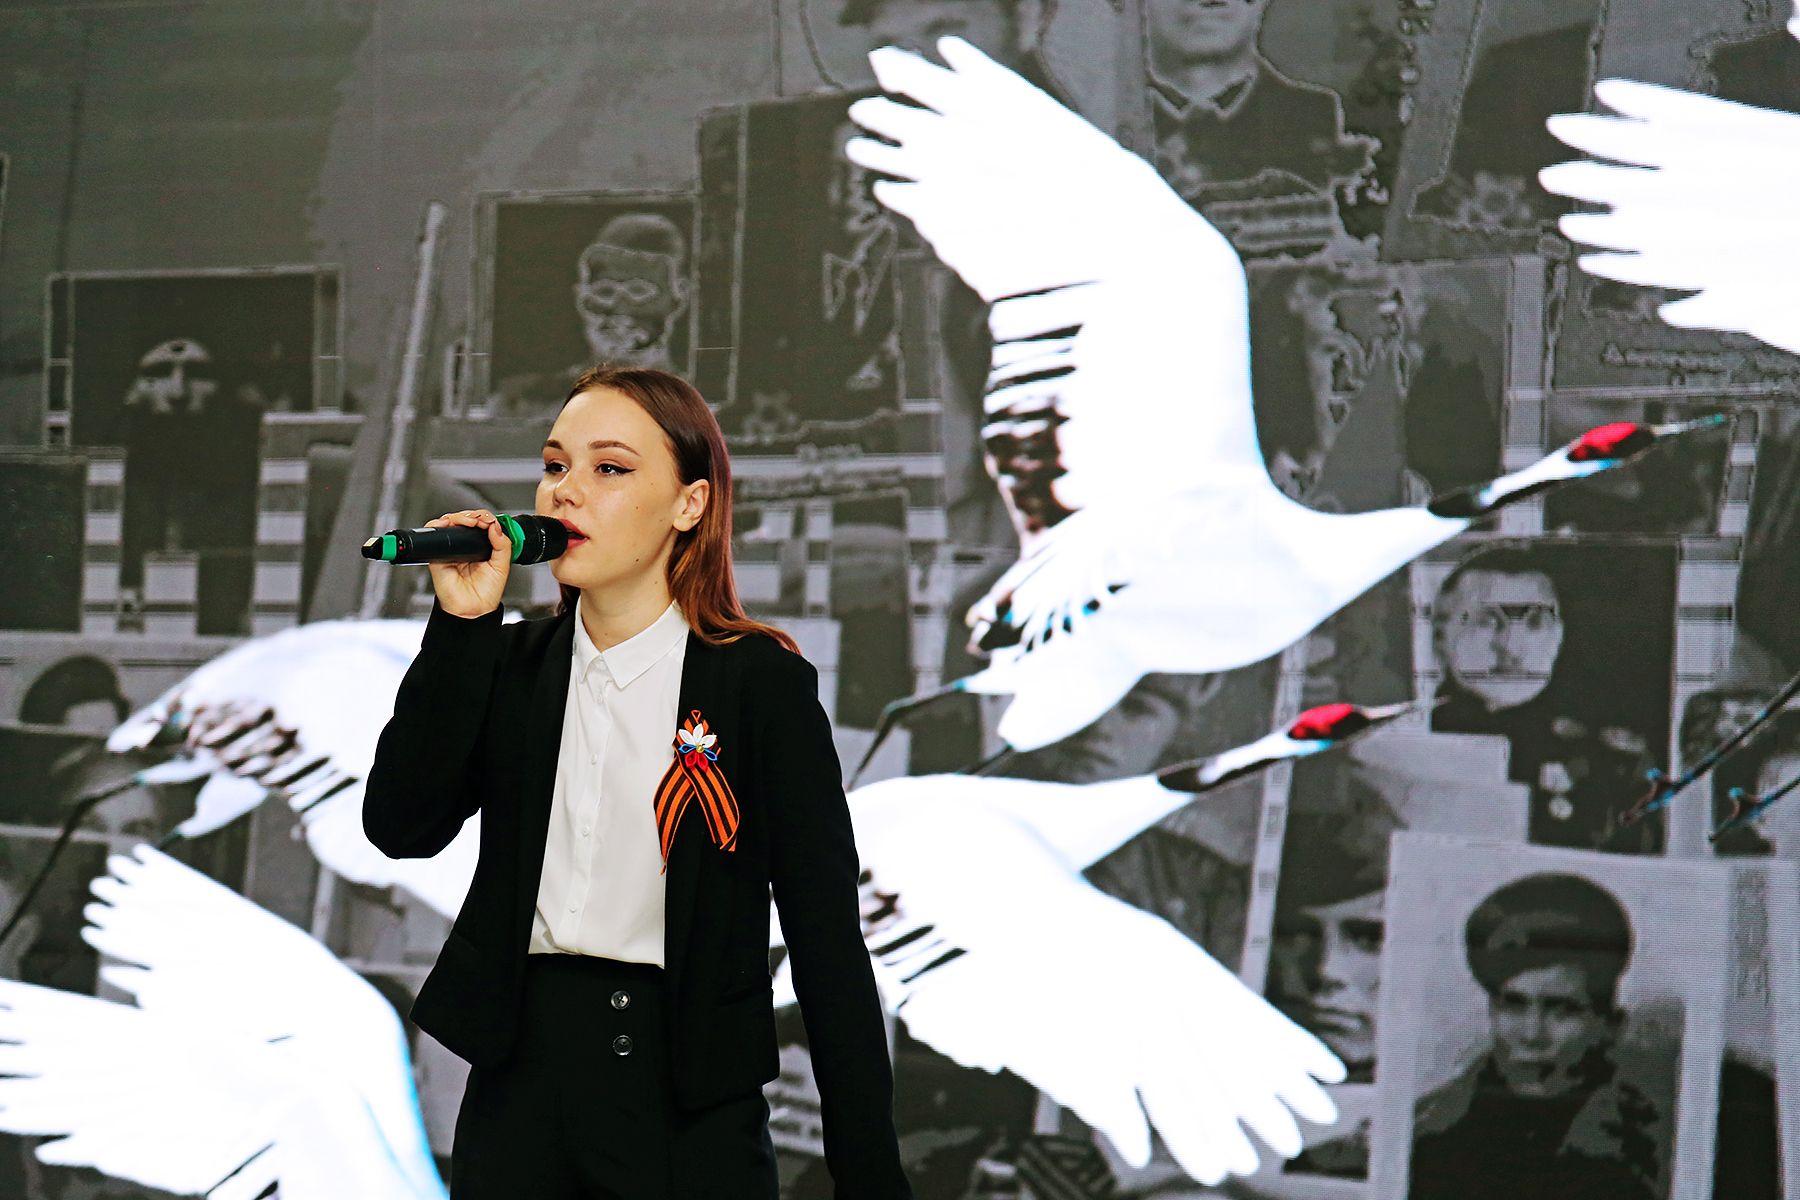 День победы во ВГУЭС: экспозиция «Журавли победы» открылась в торжественной обстановке